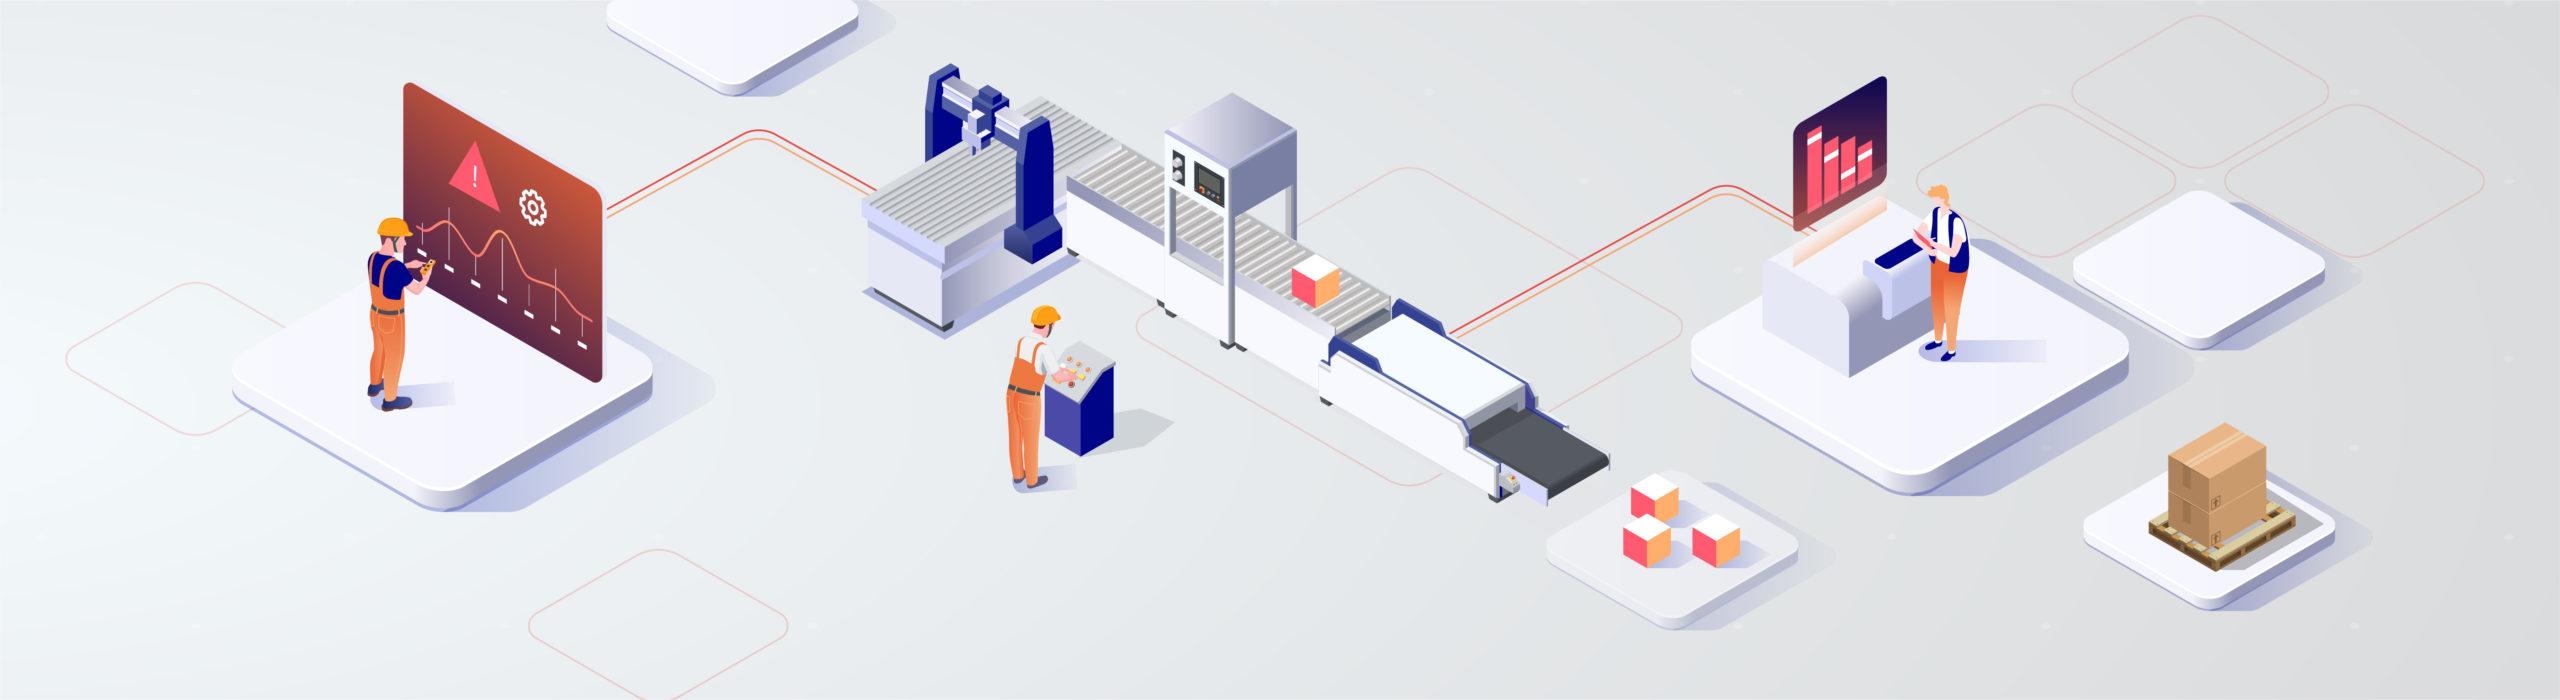 Digitalisation de l'industrie - impact opérateurs